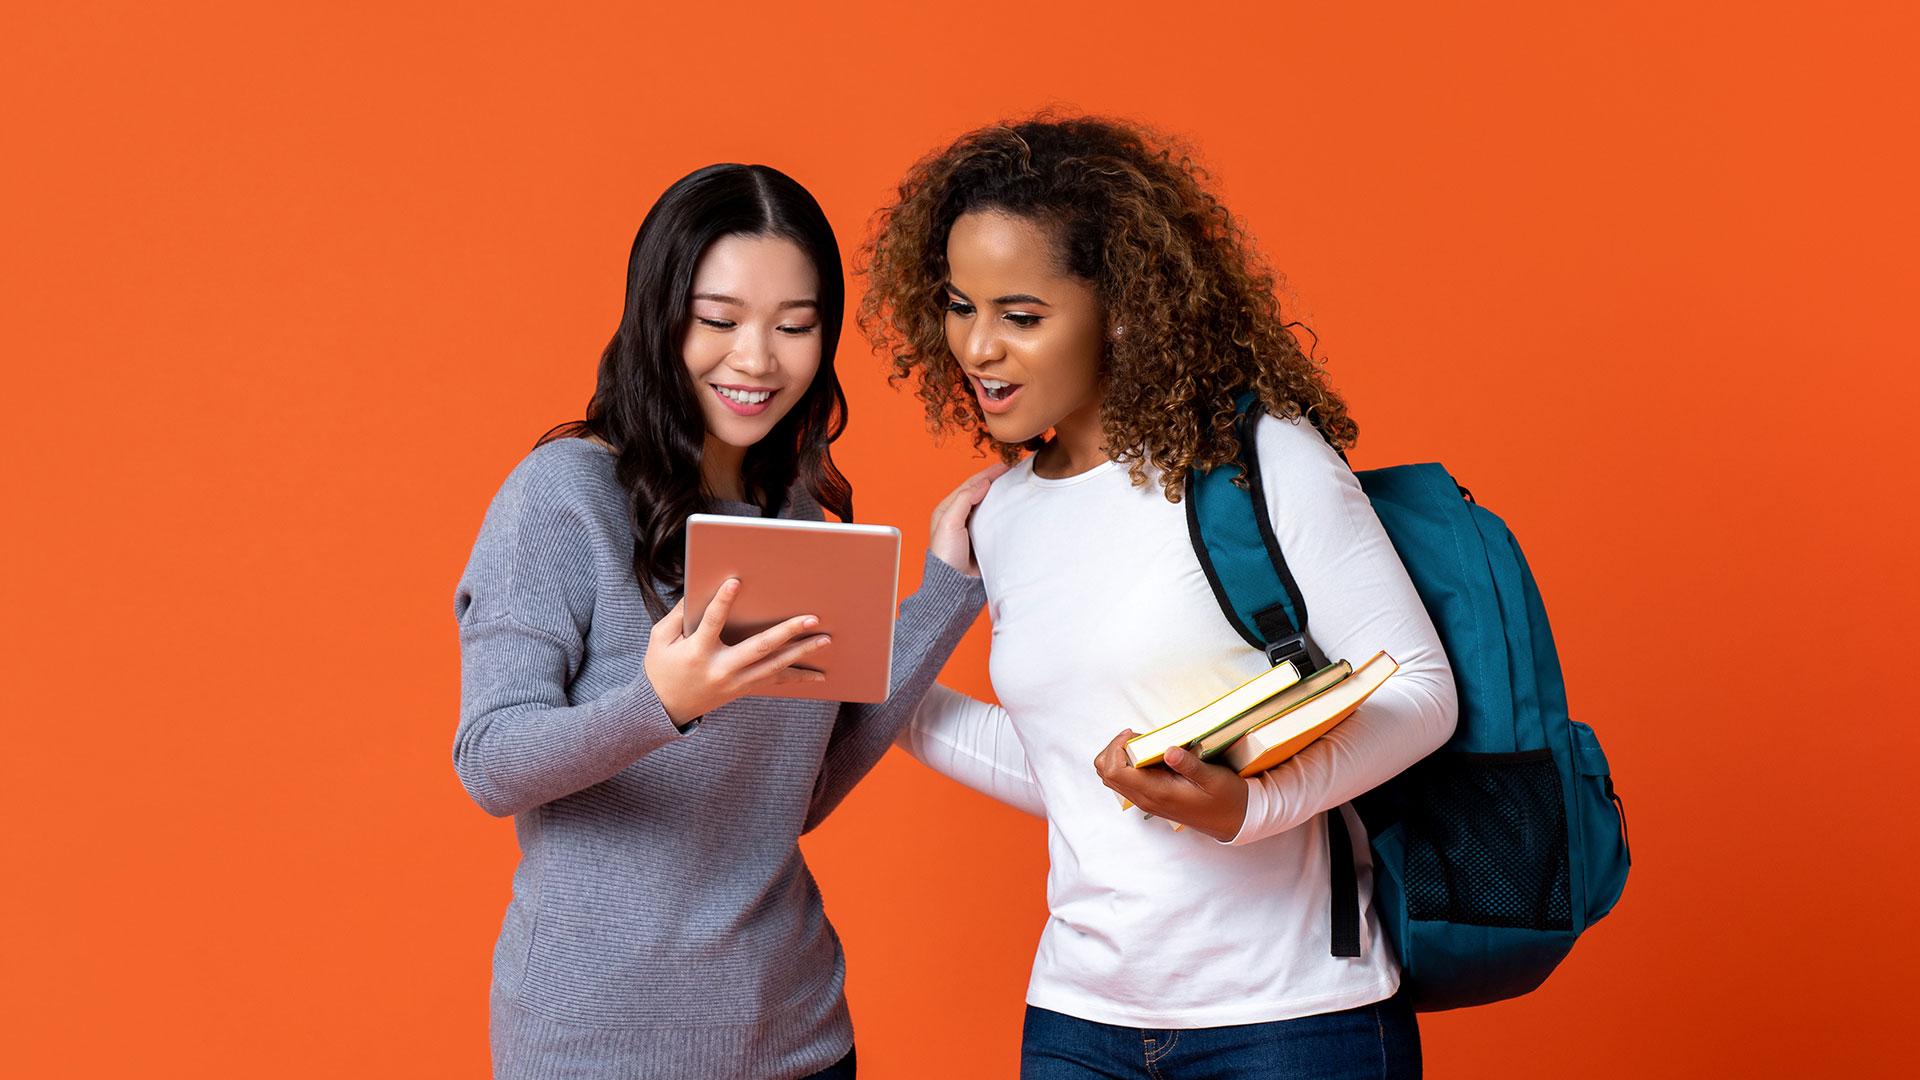 ¿Te animás a aprender un idioma nuevo?